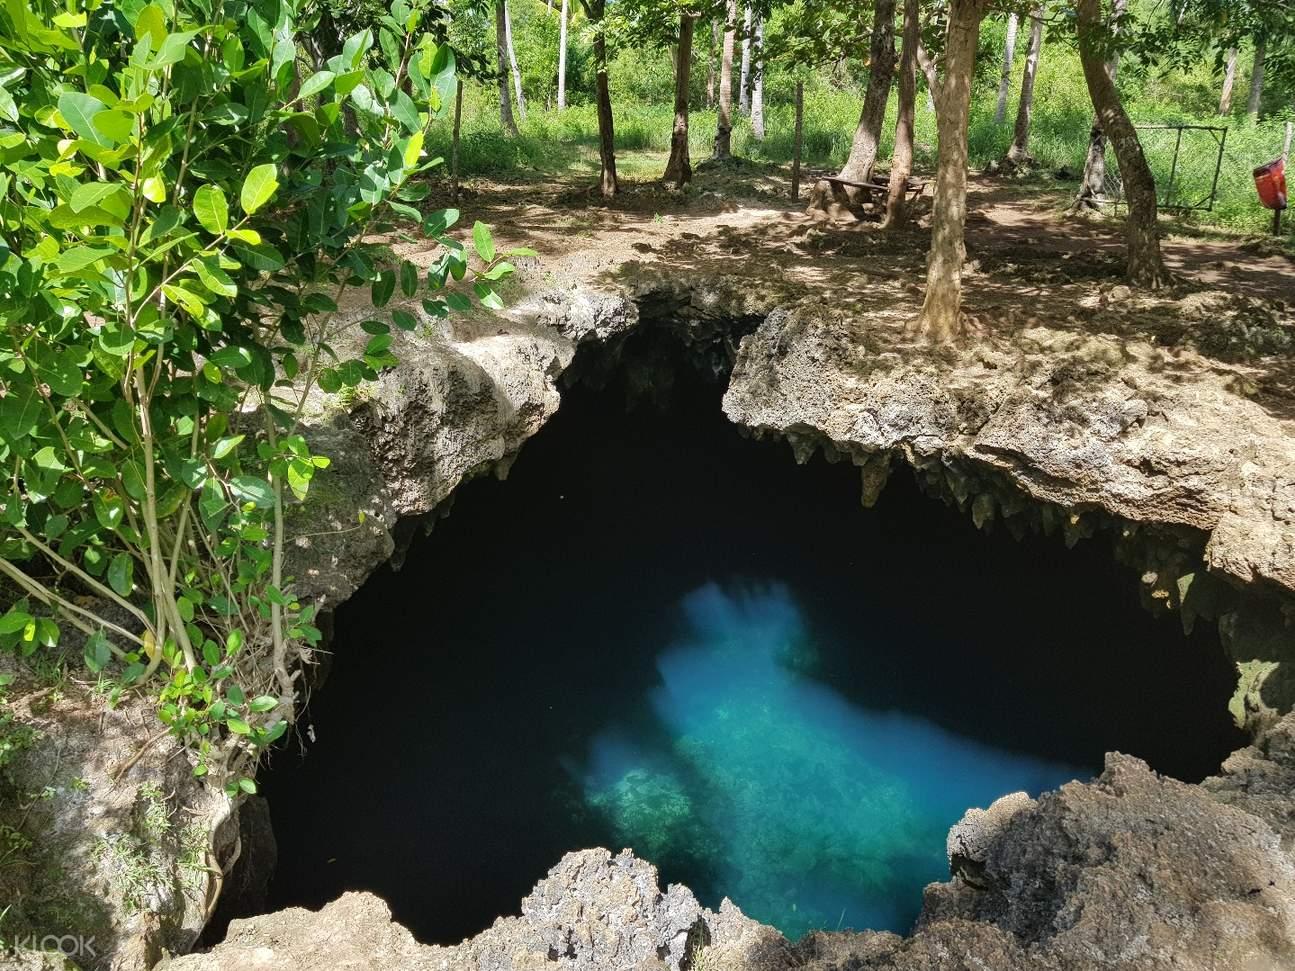 薄荷岛Anda海滩,薄荷岛Cabagnow洞穴,薄荷岛Candijay 一日游